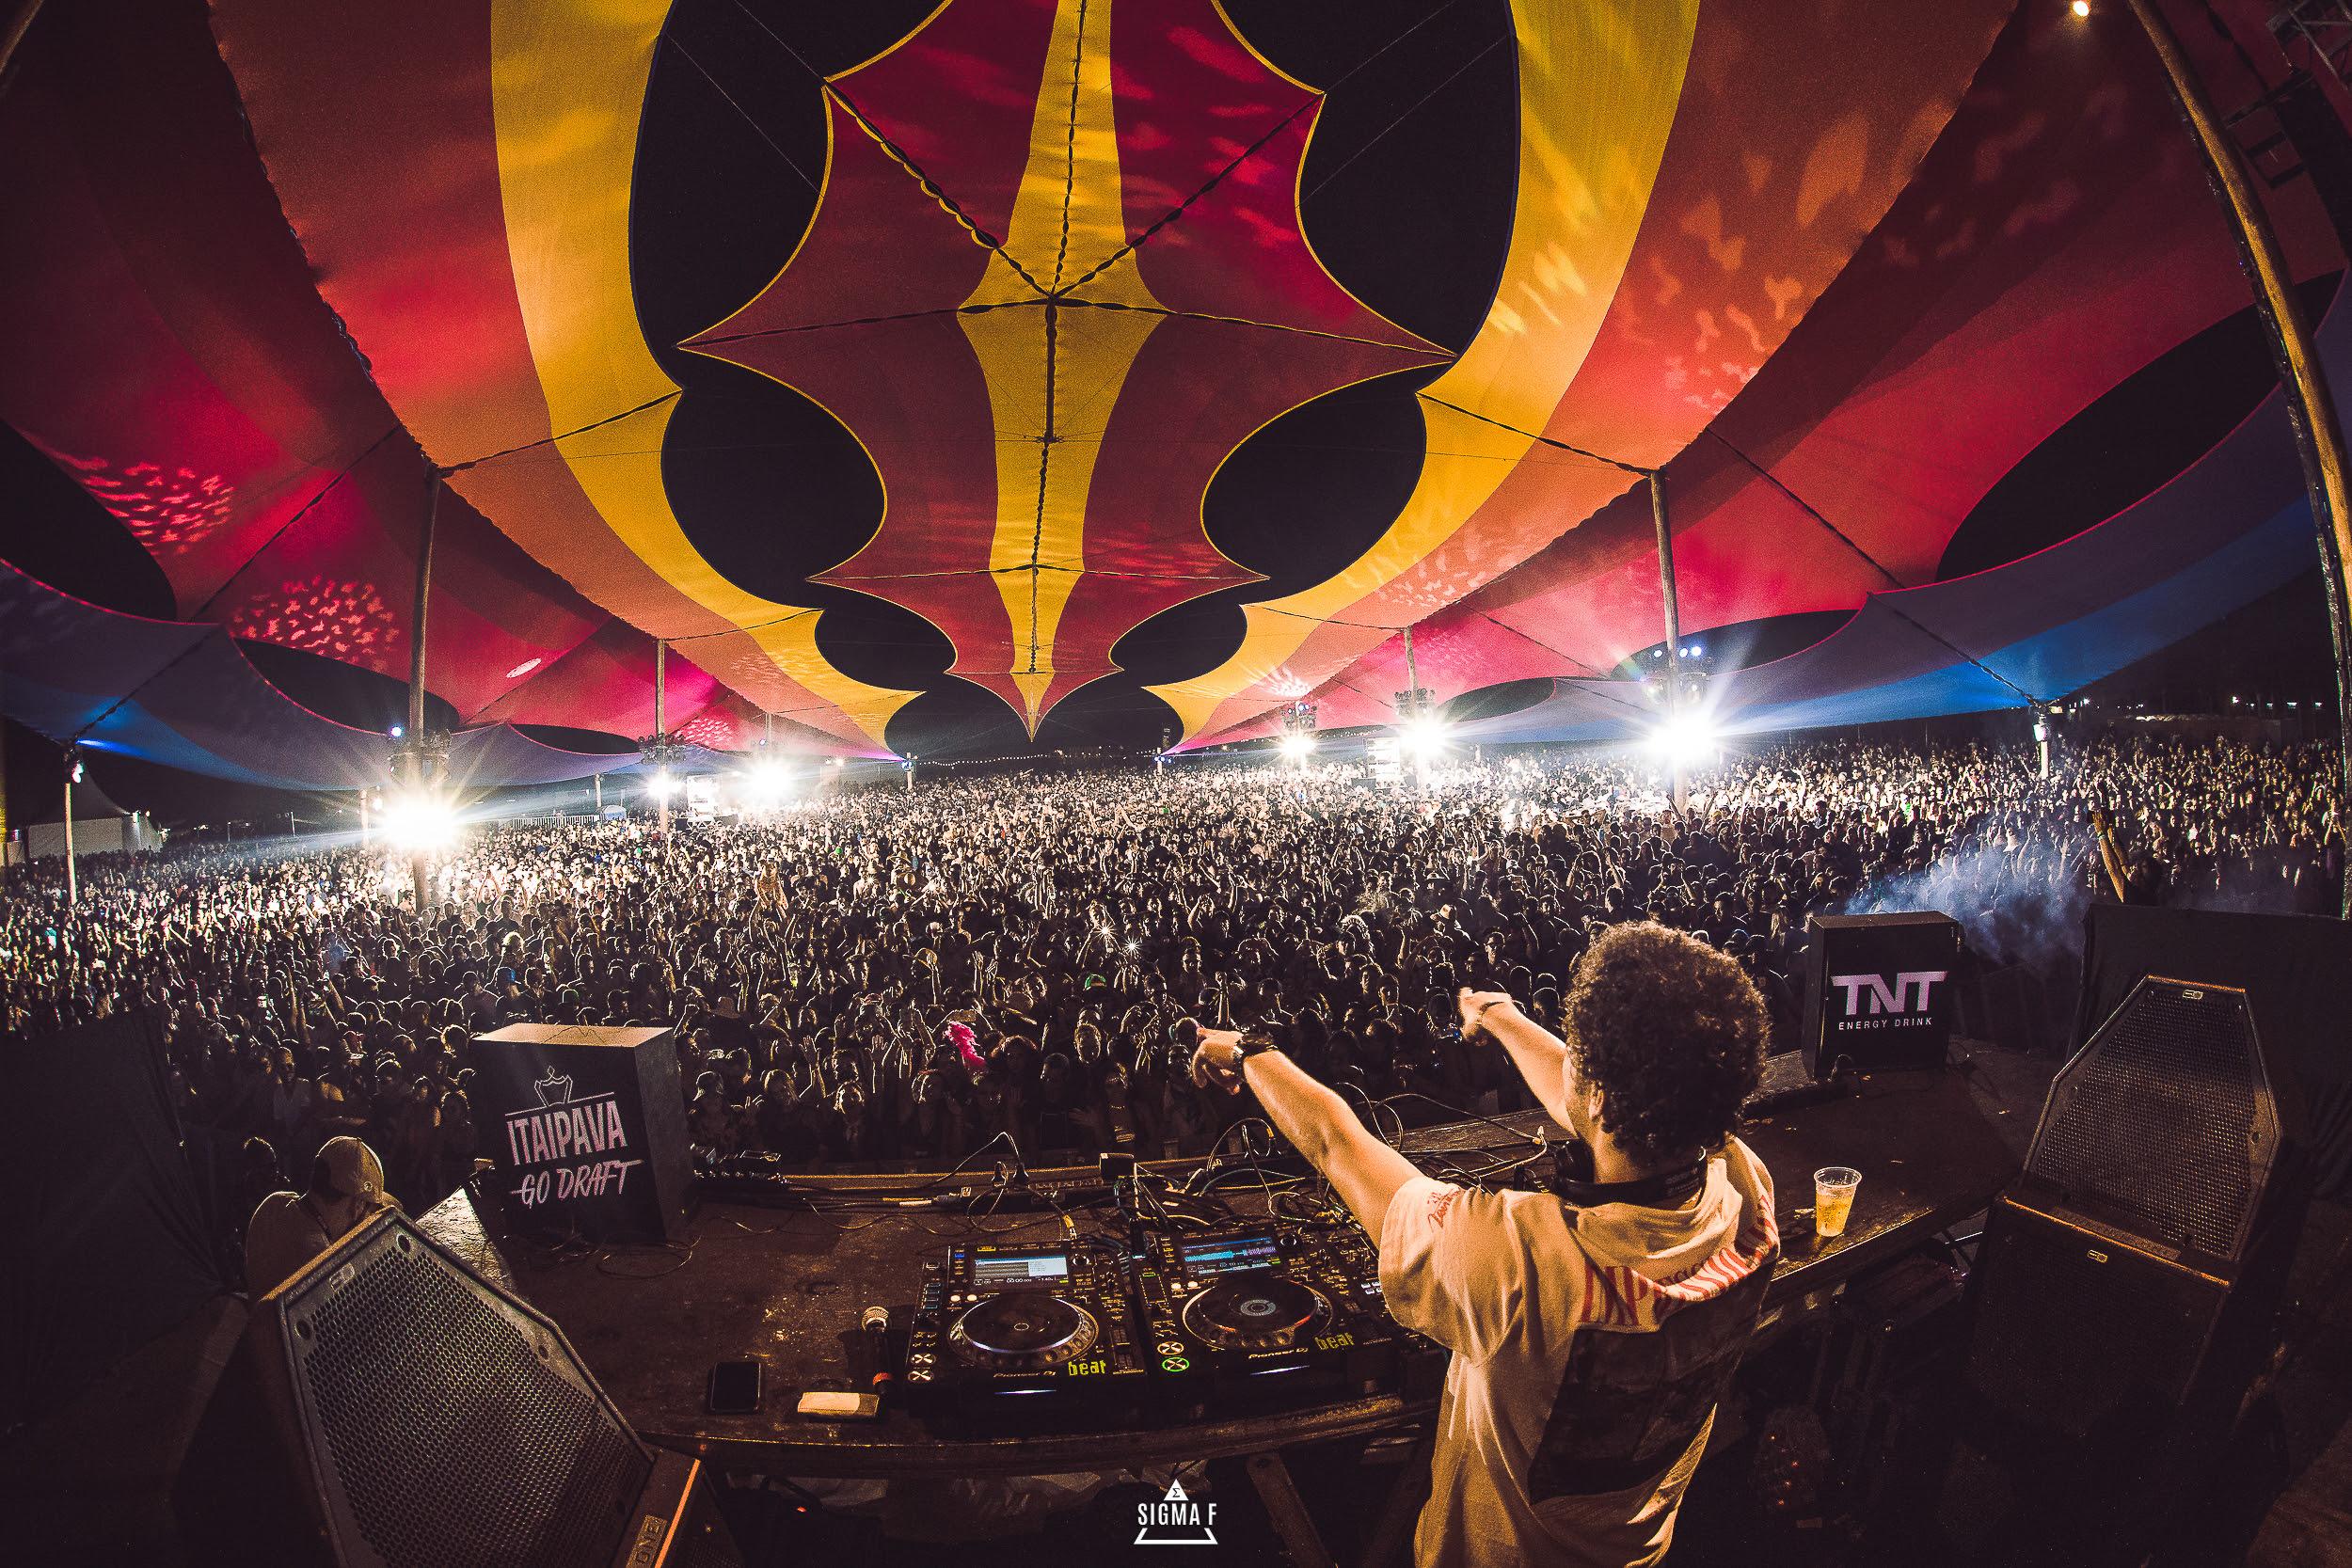 Palco Solaris traz os melhores nomes do Trance para o Tribe Festival 2020